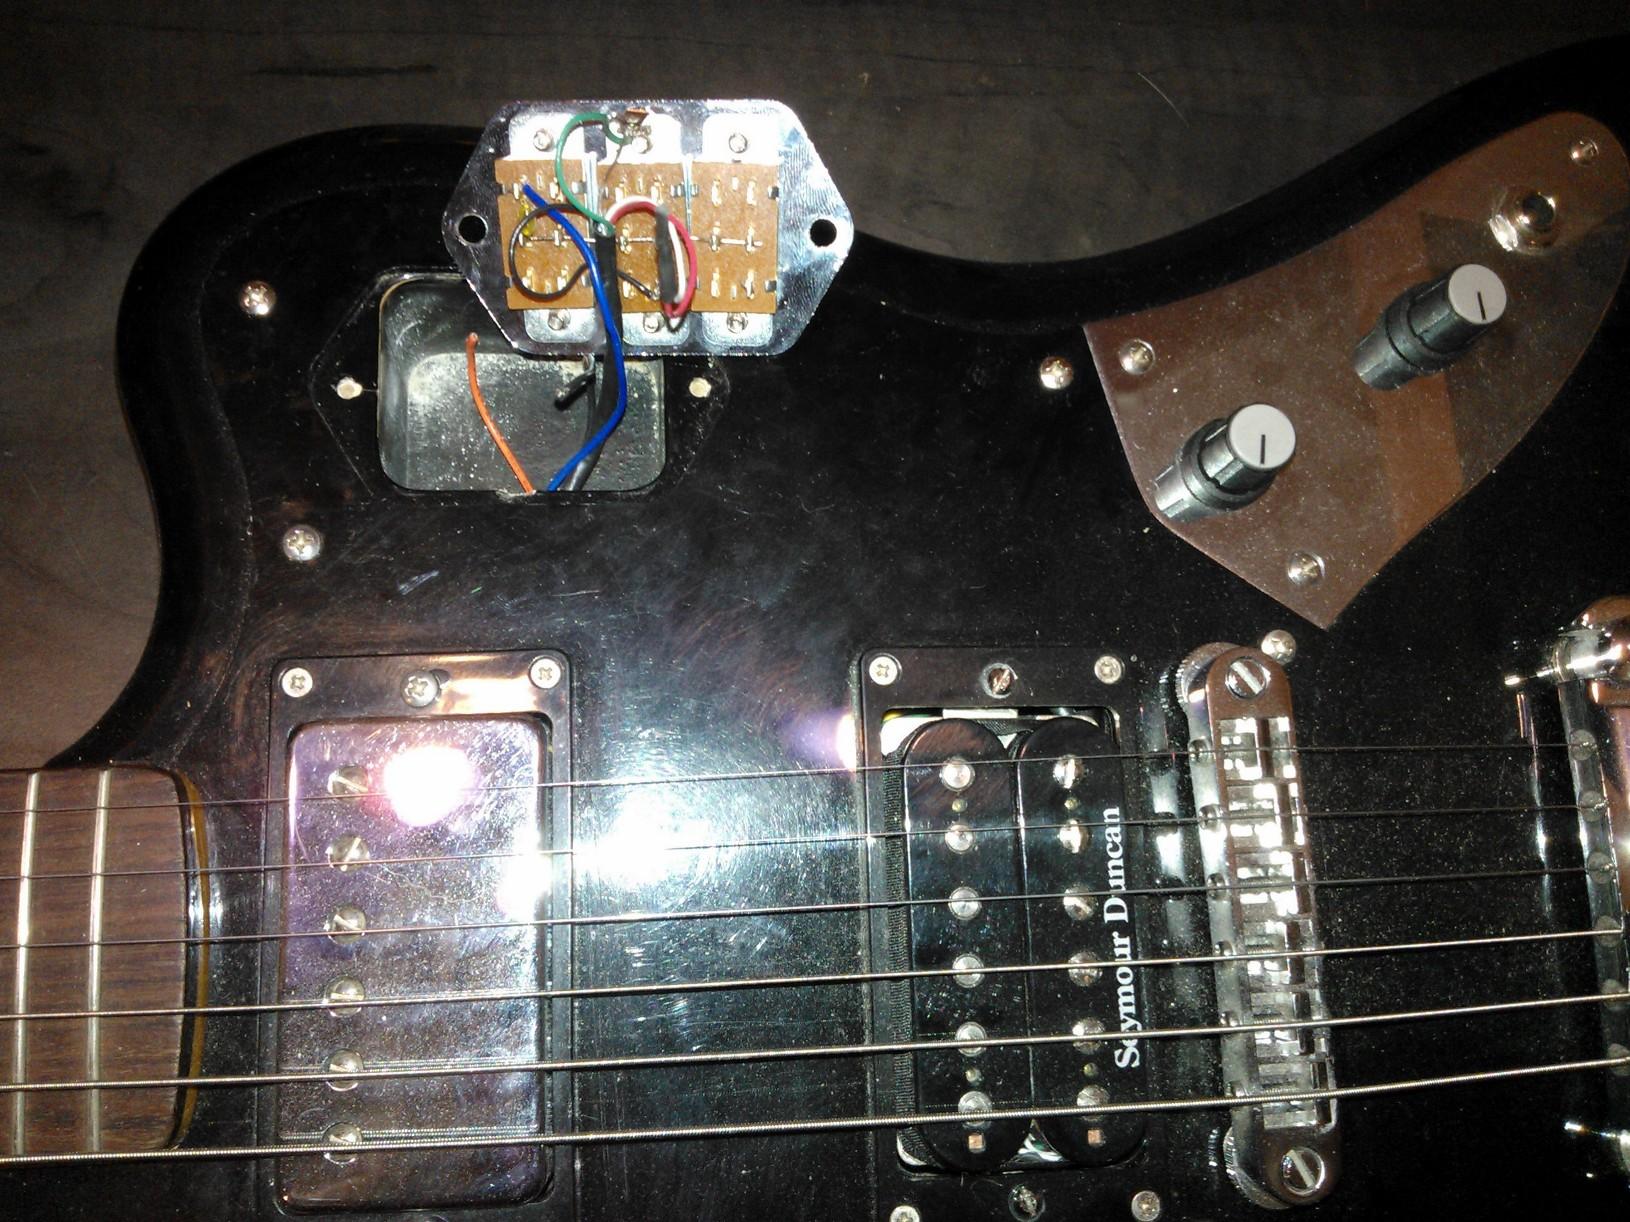 [QMVU_8575]  RT_7566] Fender Jaguar Hh Wiring Diagram Download Diagram | Fender Jaguar Humbucker Wiring Diagram |  | Alypt Wigeg Mohammedshrine Librar Wiring 101